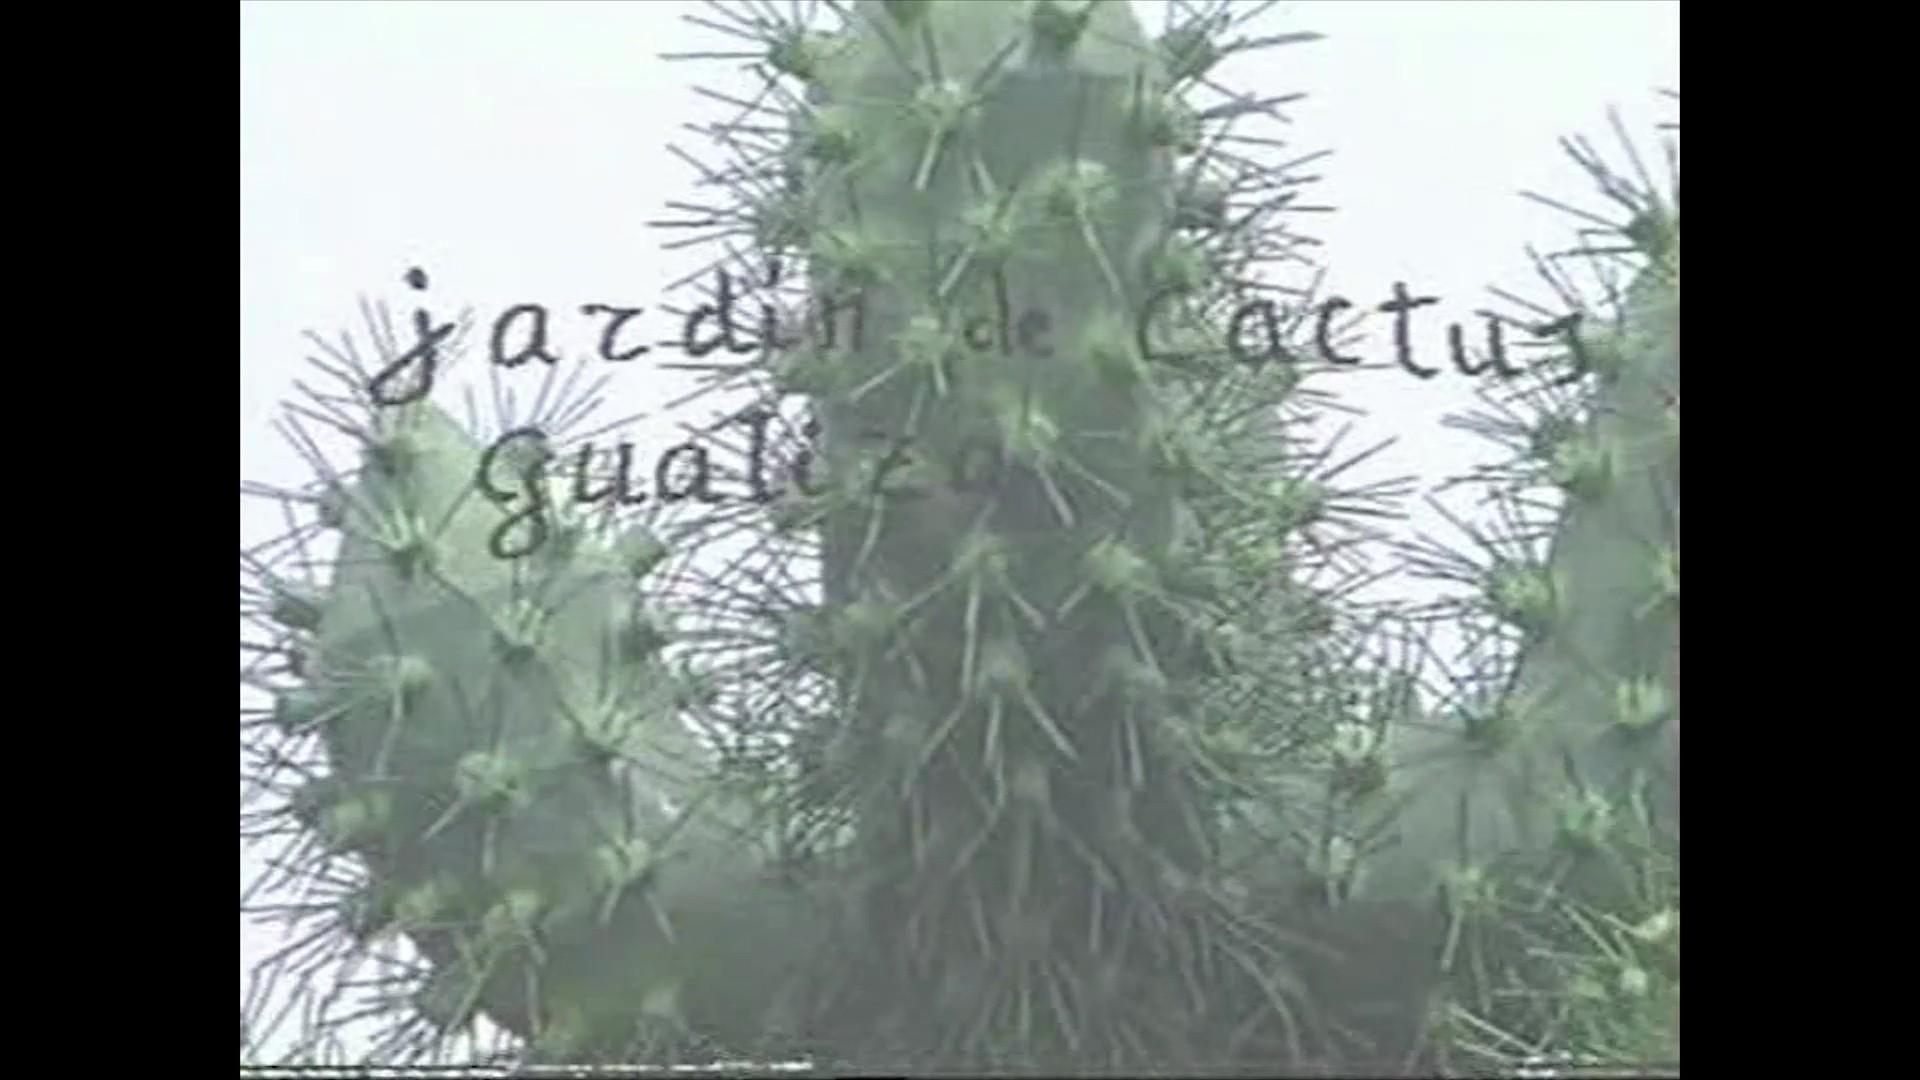 Jardín de Cactus. Guatiza (1990)